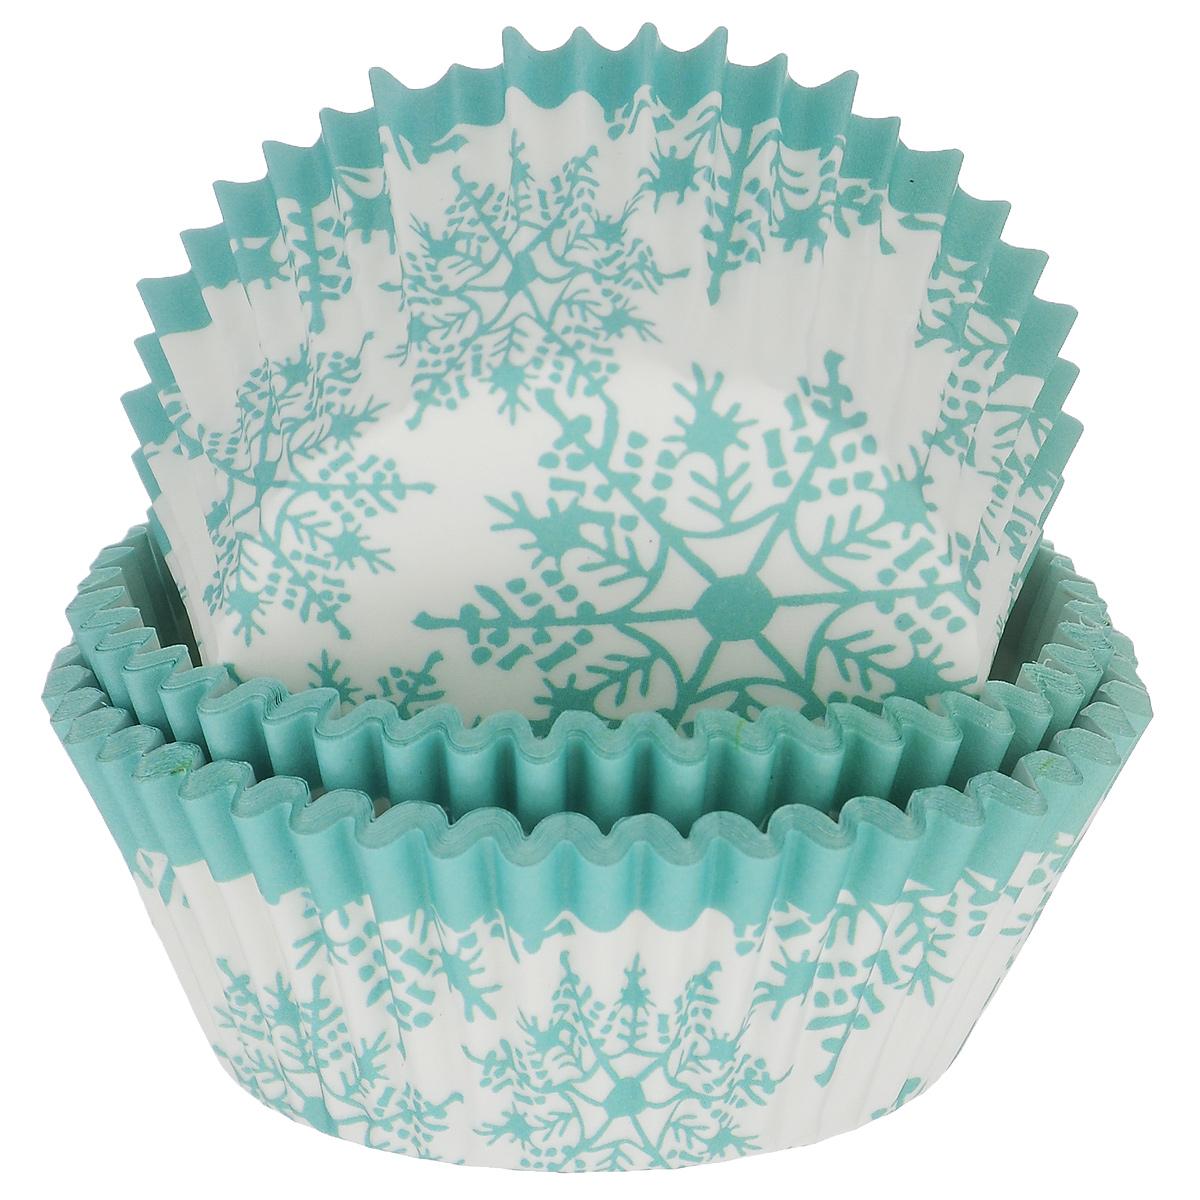 Набор бумажных форм для кексов Dolce Arti Снежинки, цвет: бирюзовый, белый, диаметр 5 см, 50 штDA080216Набор Dolce Arti Снежинки состоит из 50 бумажных форм для кексов, оформленных изображением снежинок. Они предназначены для выпечки и упаковки кондитерских изделий, также могут использоваться для сервировки орешков, конфет и много другого. Для одноразового применения. Гофрированные бумажные формы идеальны для выпечки кексов, булочек и пирожных.Высота стенки: 3 см. Диаметр (по верхнему краю): 7 см.